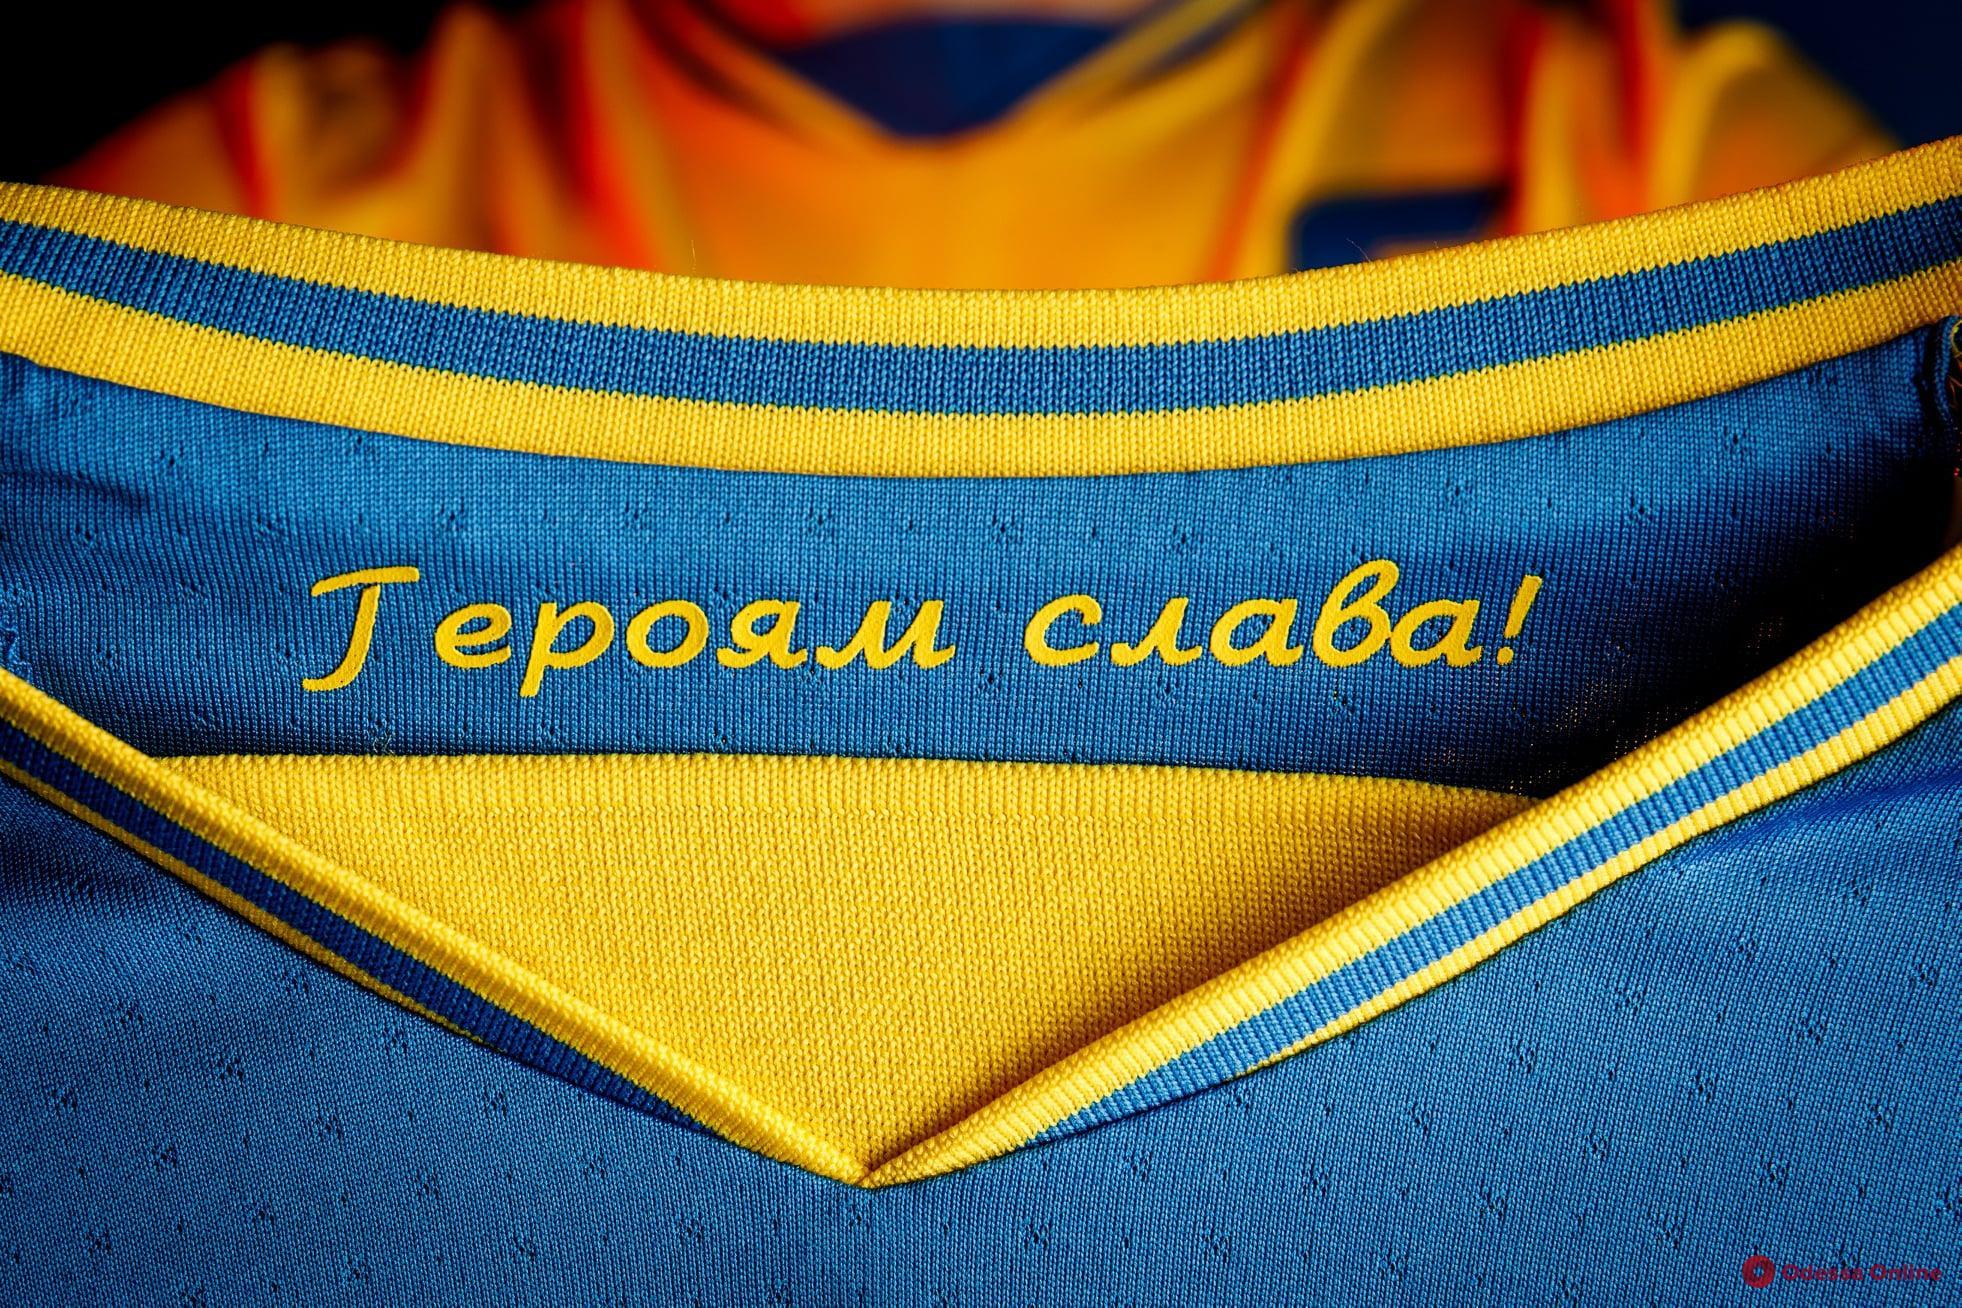 УАФ официально утвердила футбольные лозунги «Слава Украине!» и «Героям слава!»